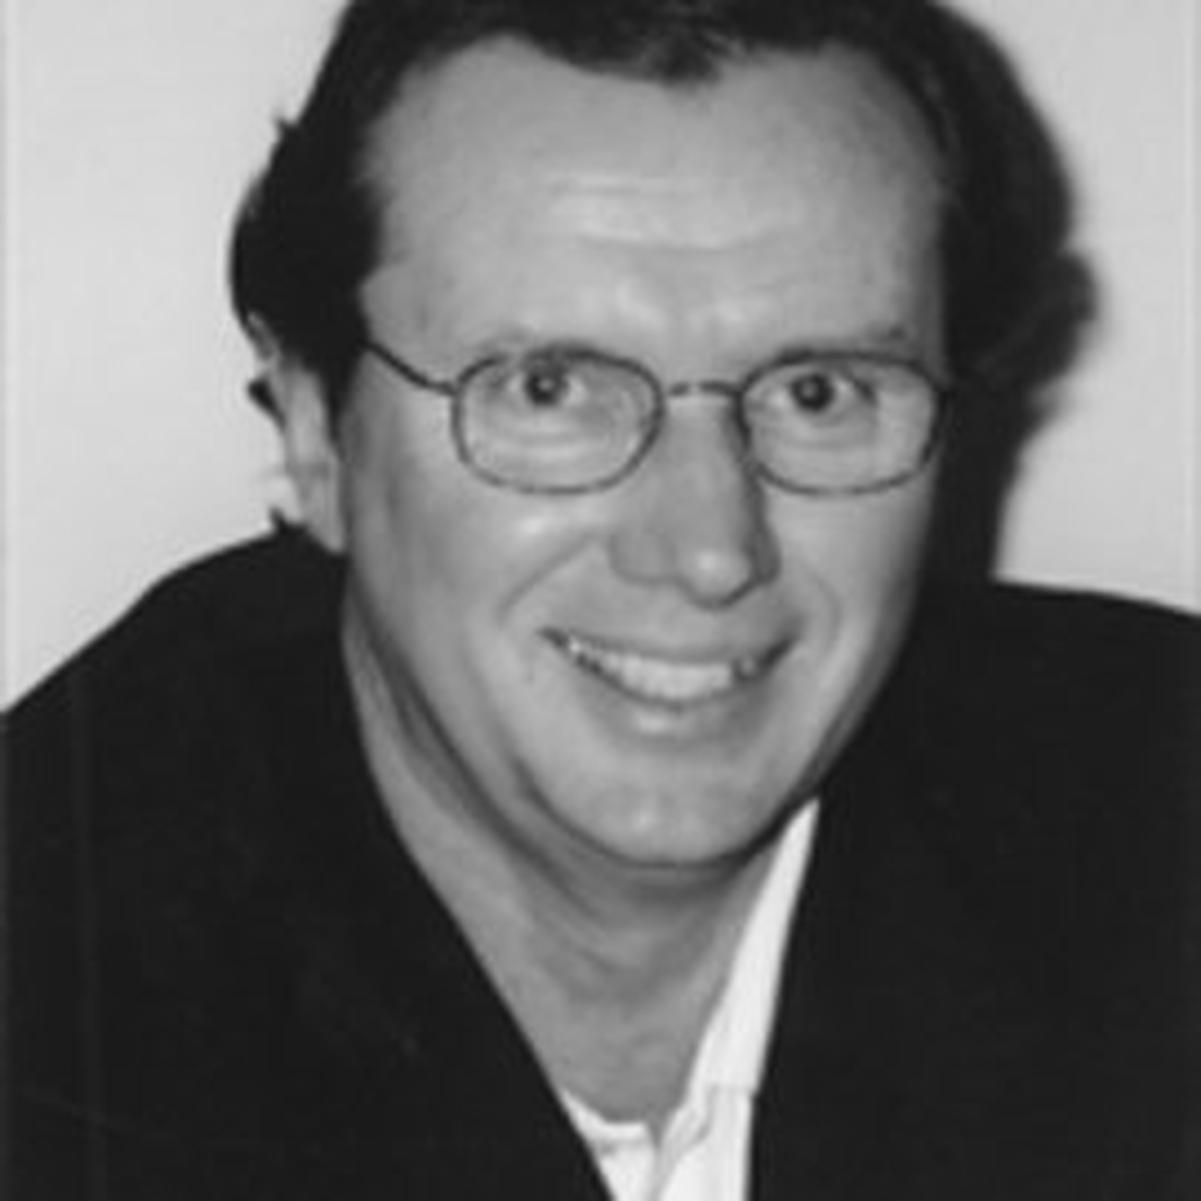 Thomas C. Foster